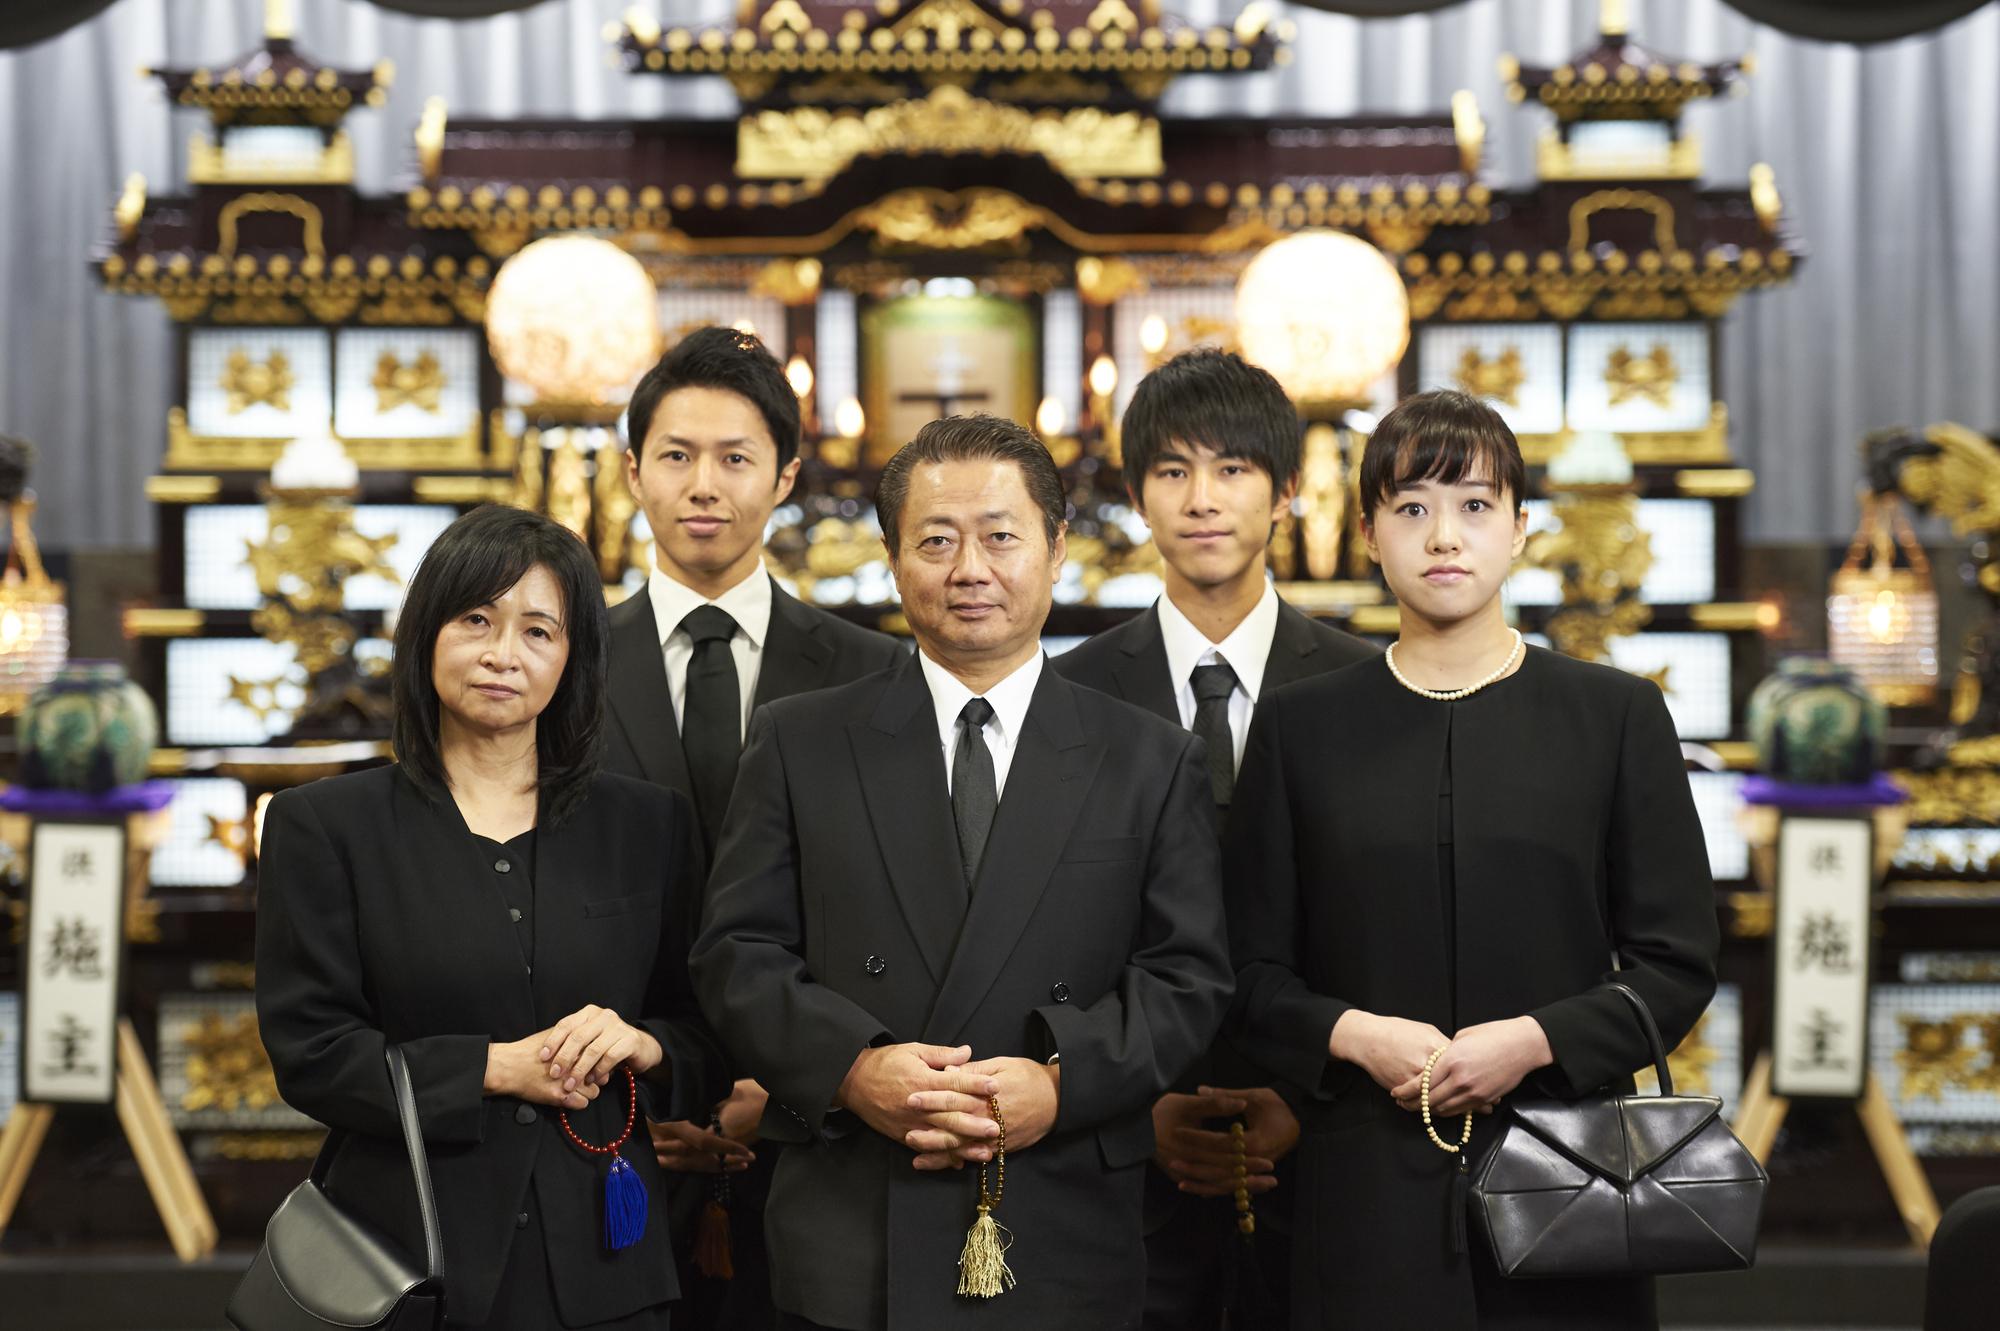 近年増え続ける「家族葬」とは?詳細な内容や気になる費用など一般葬と比較解説